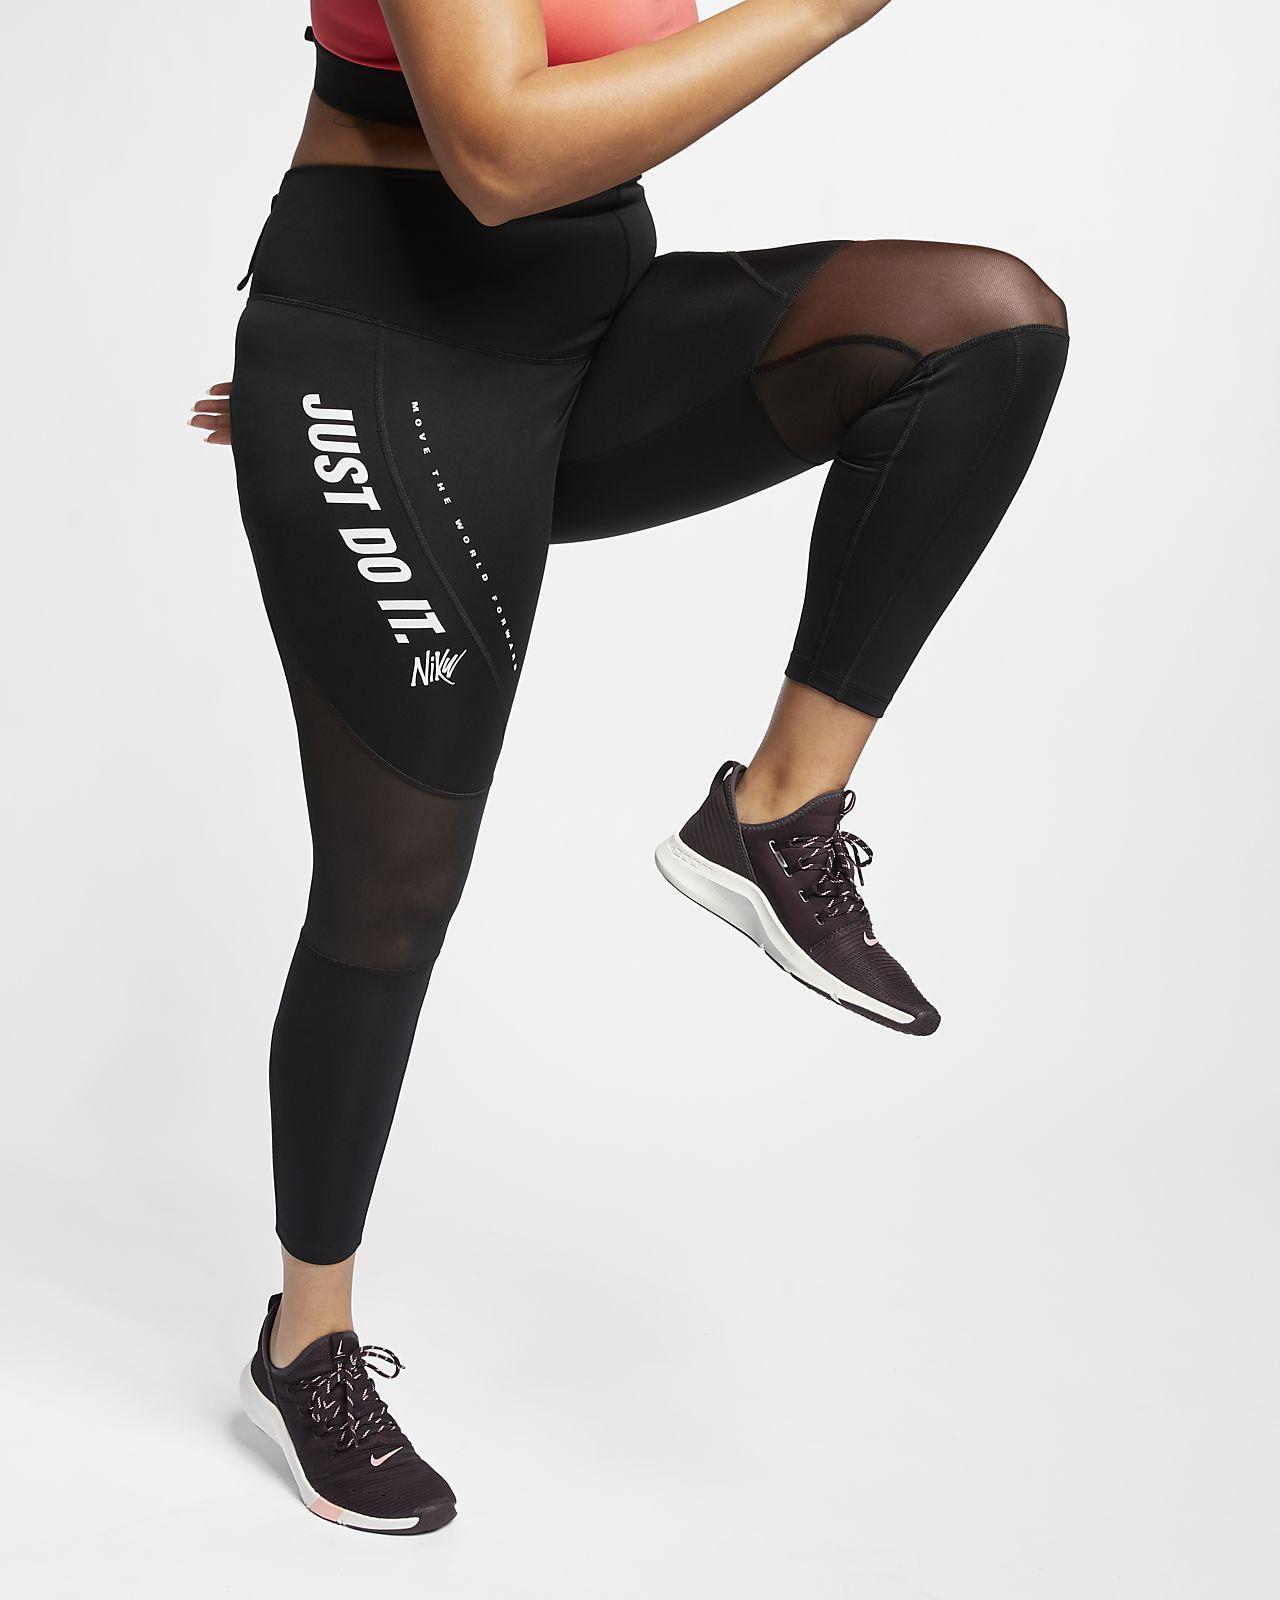 Nike Power Trainings-Tights für Damen (große Größe)